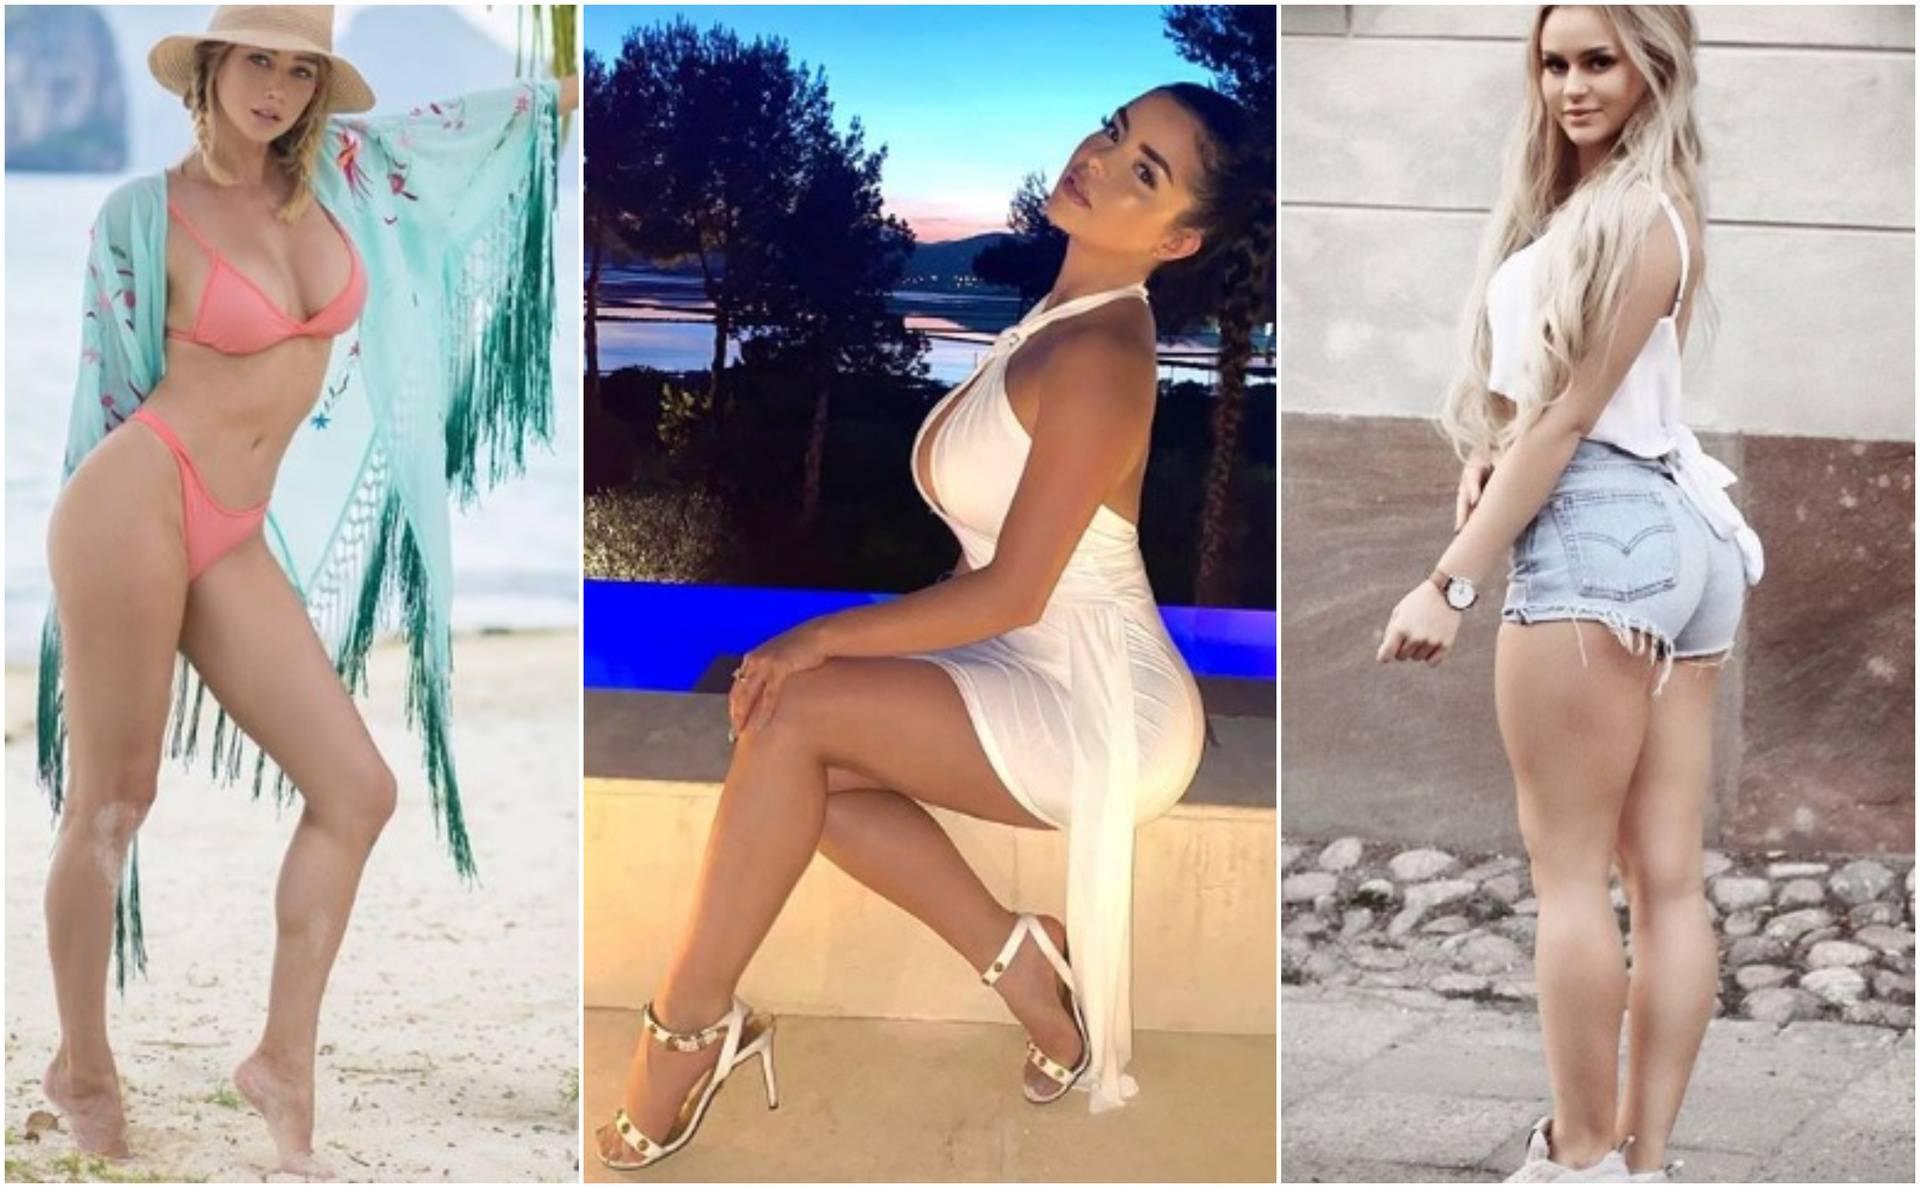 Najbolje noge na Instagramu: Slažete li se s ovim odabirom?